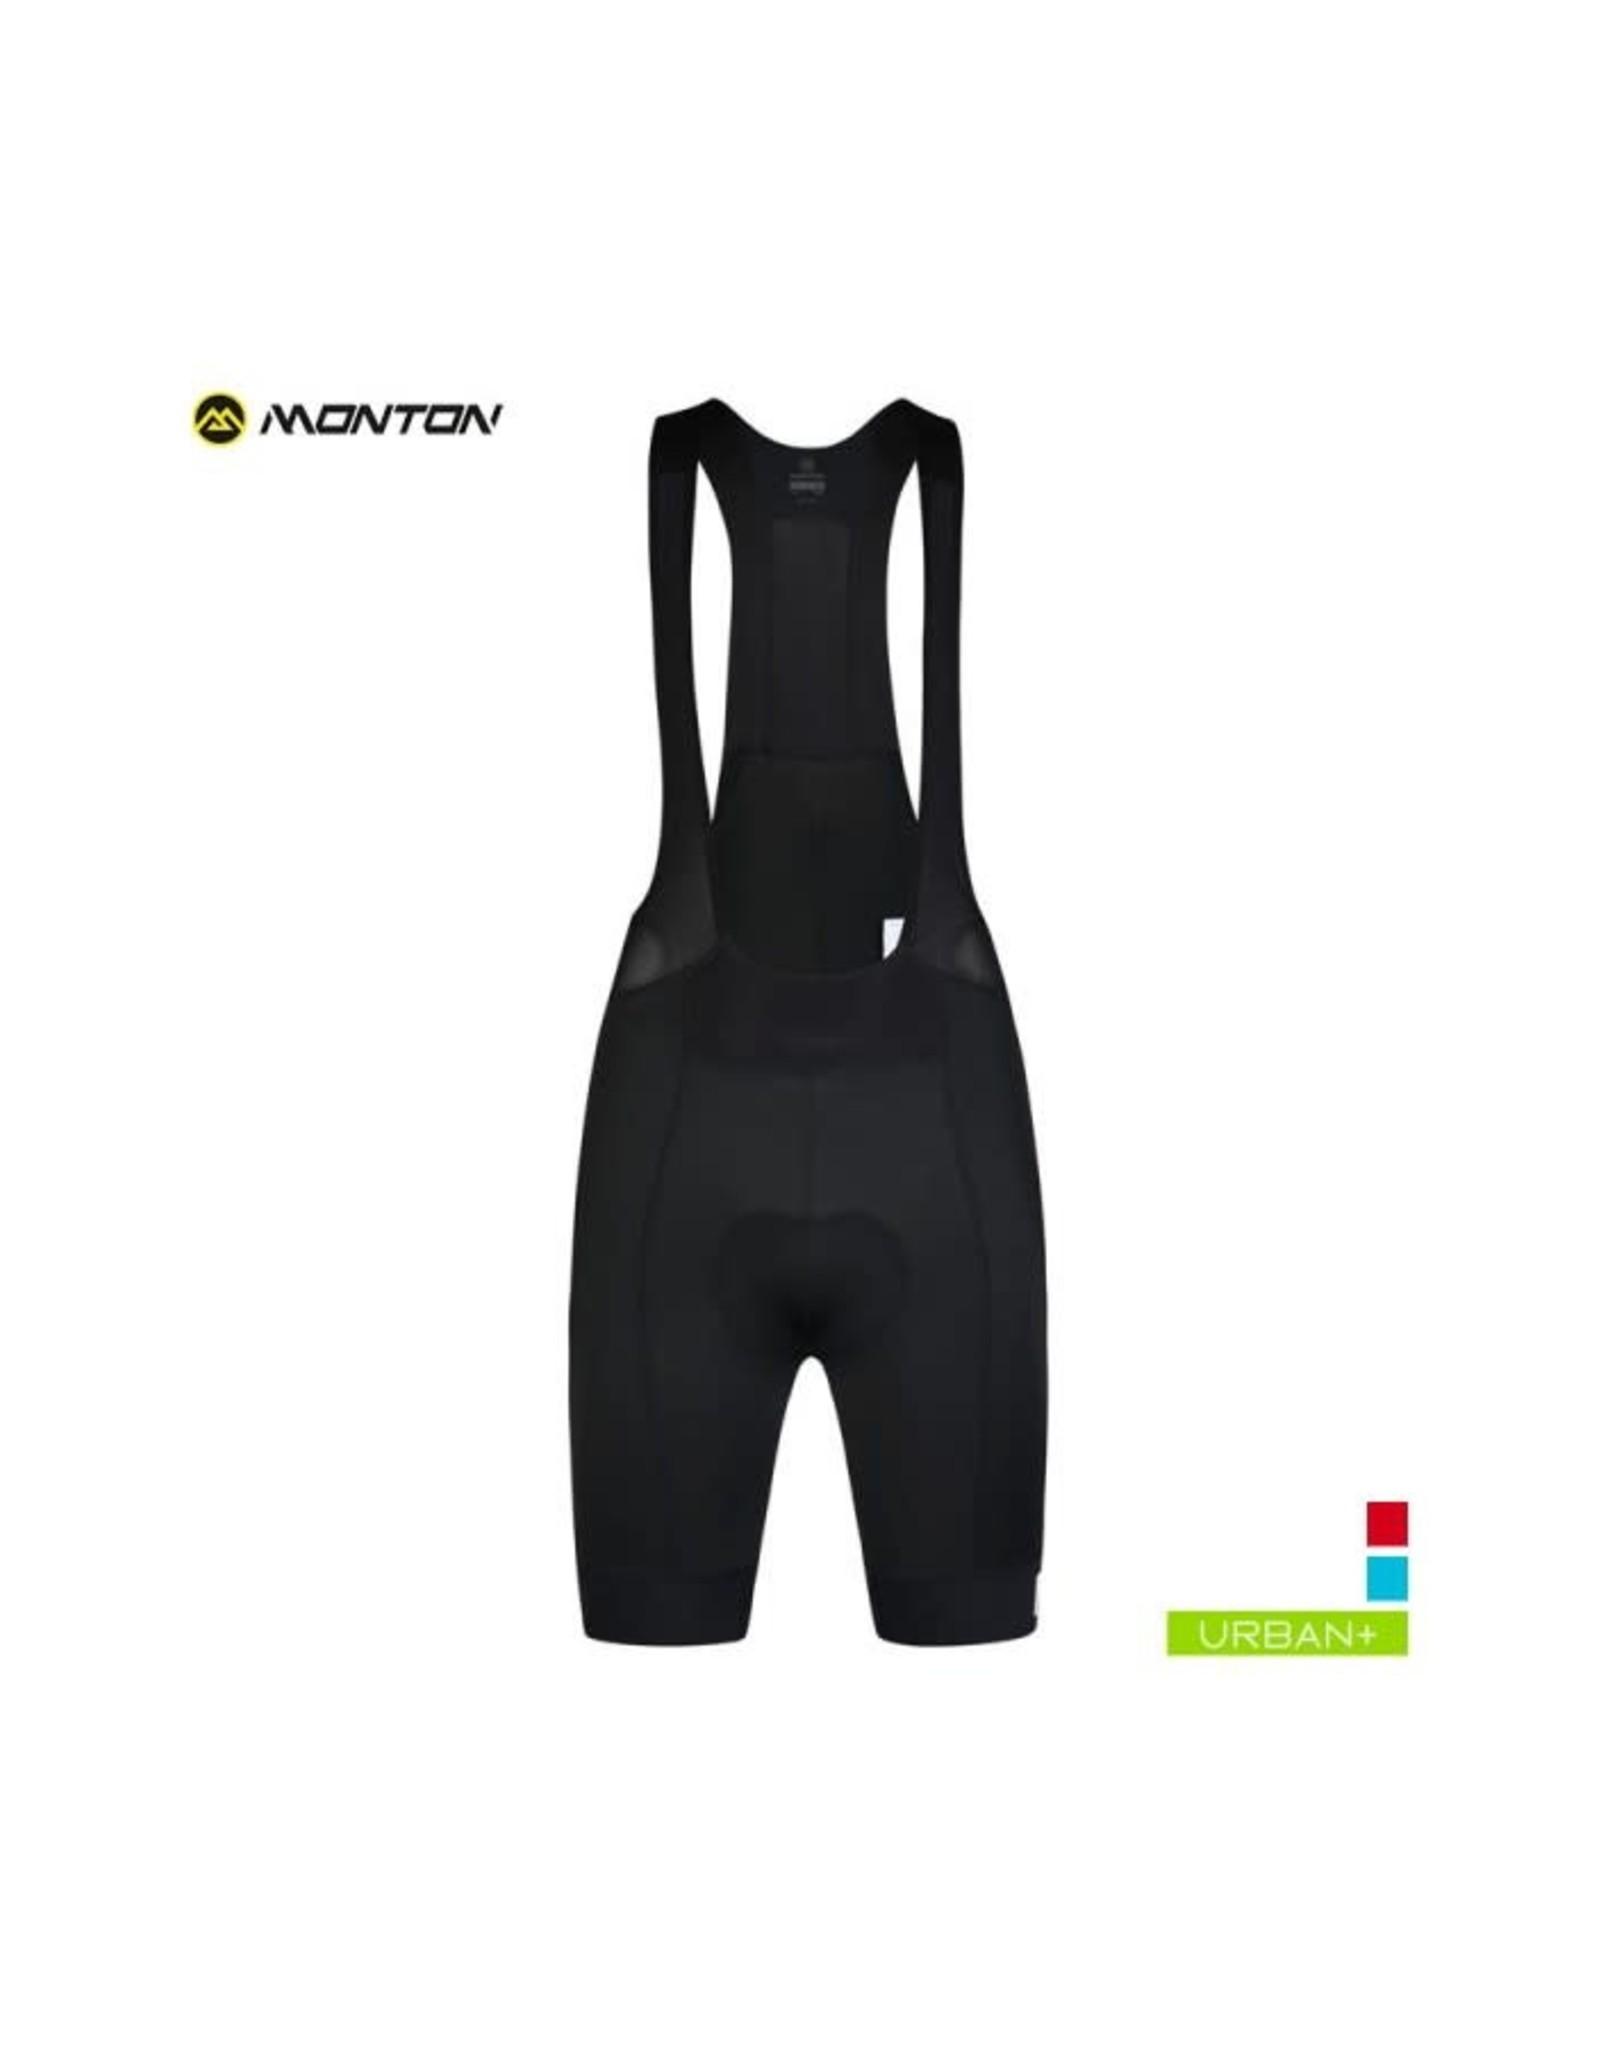 Monton Women's Suupaa Cycling Bib Shorts